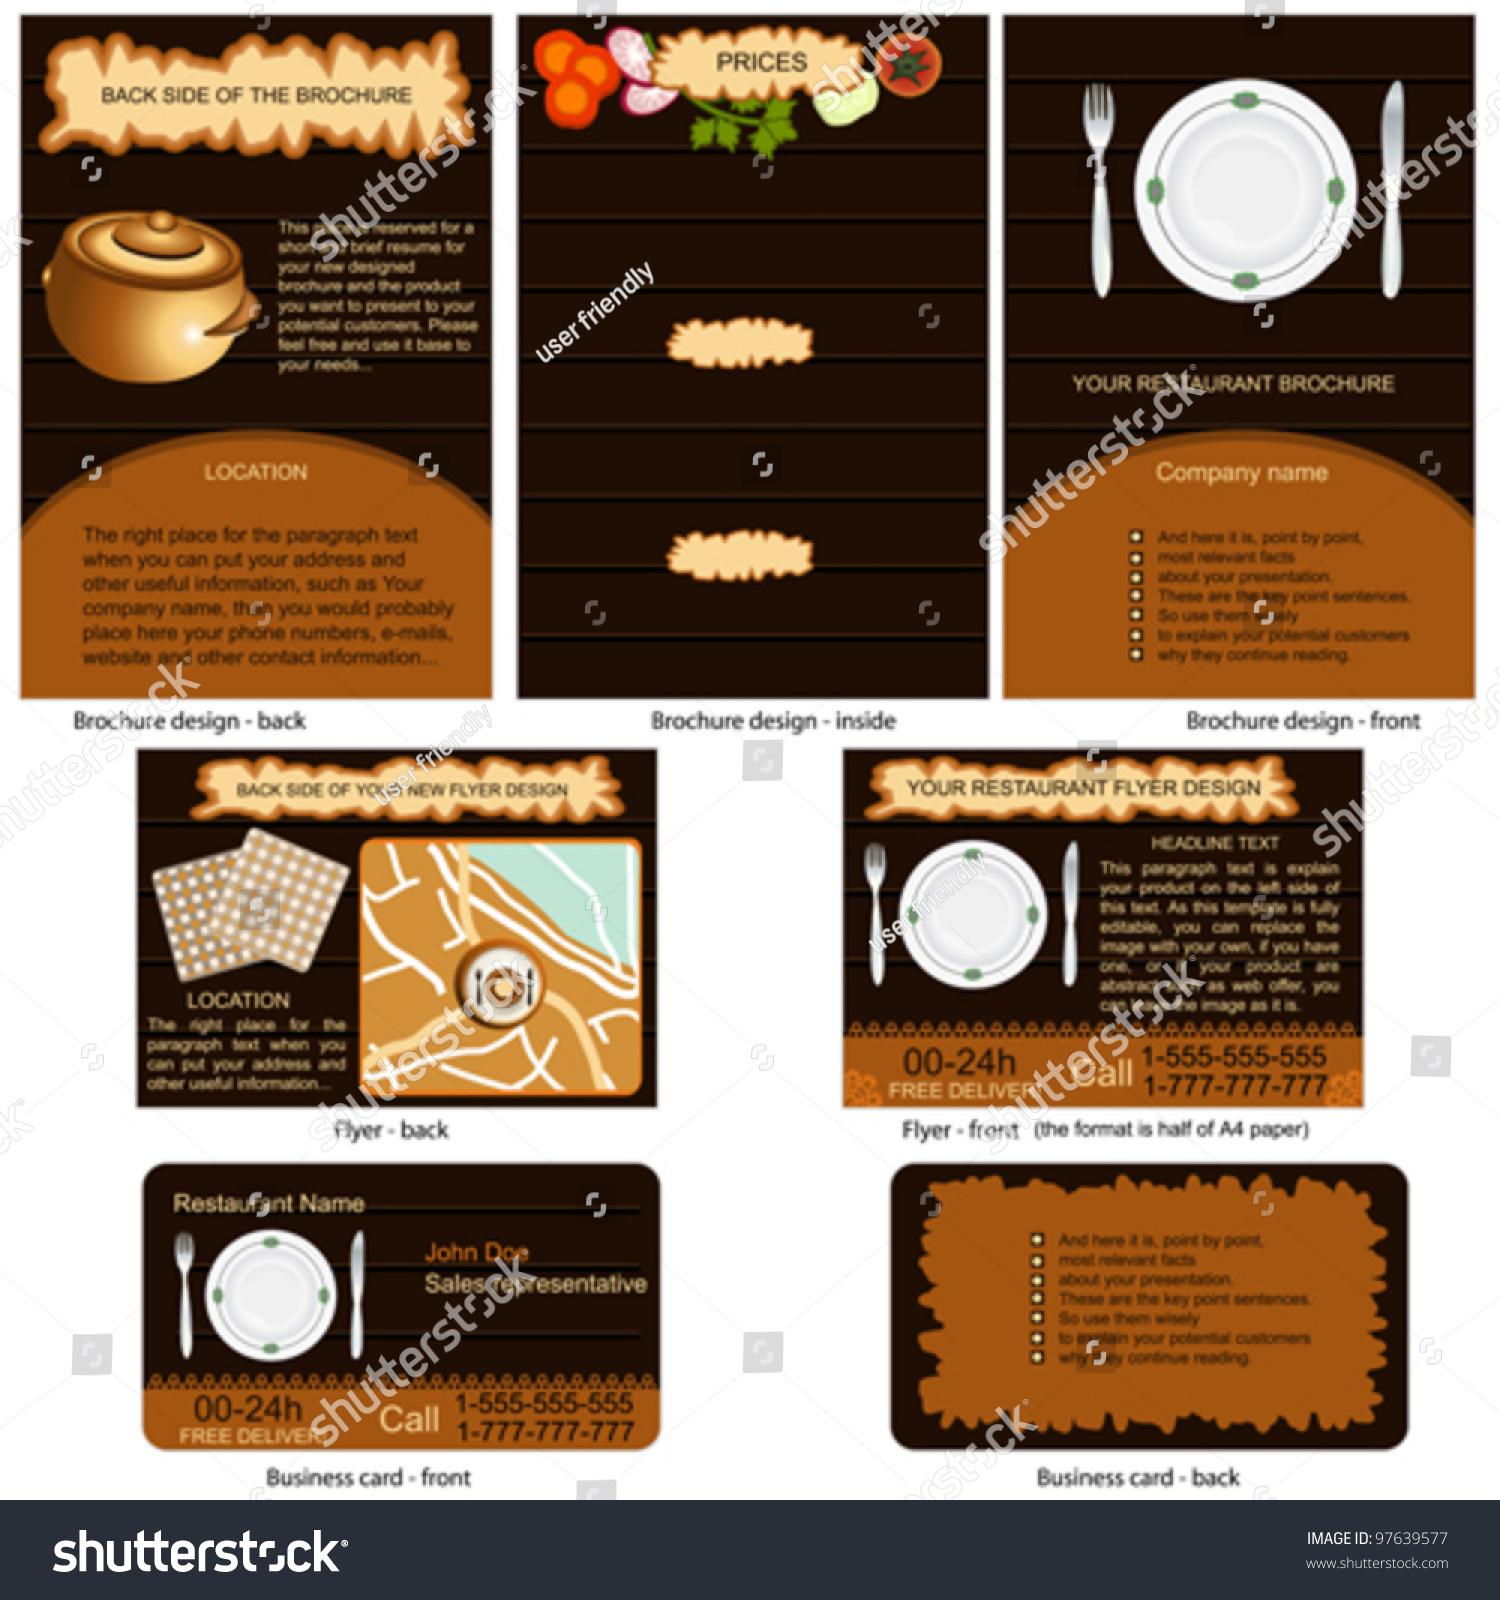 Restaurant stationary brochure design flyer stock